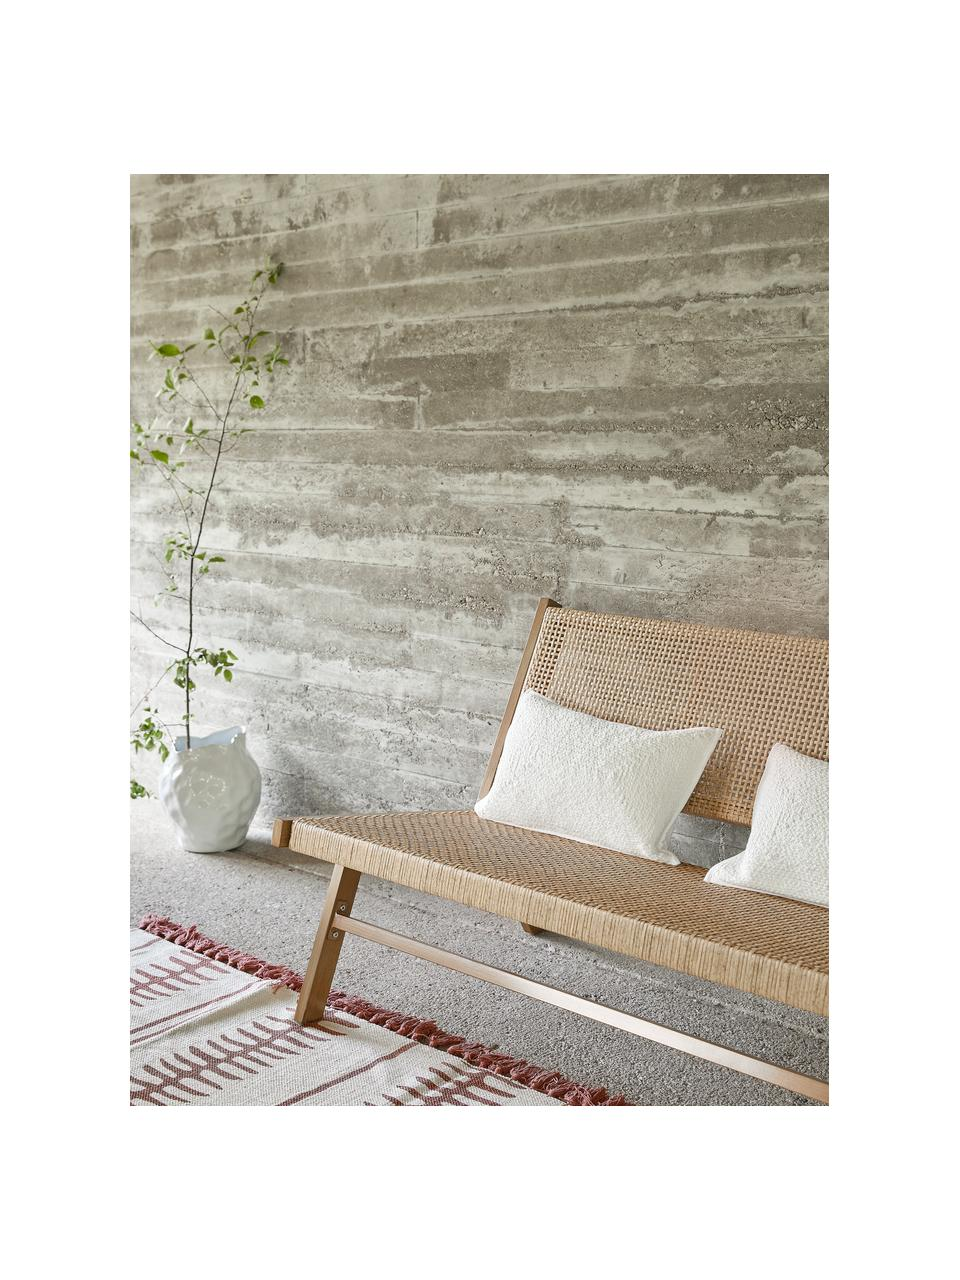 Panchina da giardino intrecciata effetto legno Palina, Struttura: metallo verniciato a polv, Seduta: rete in plastica, Marrone, Larg. 121 x Alt. 75 cm